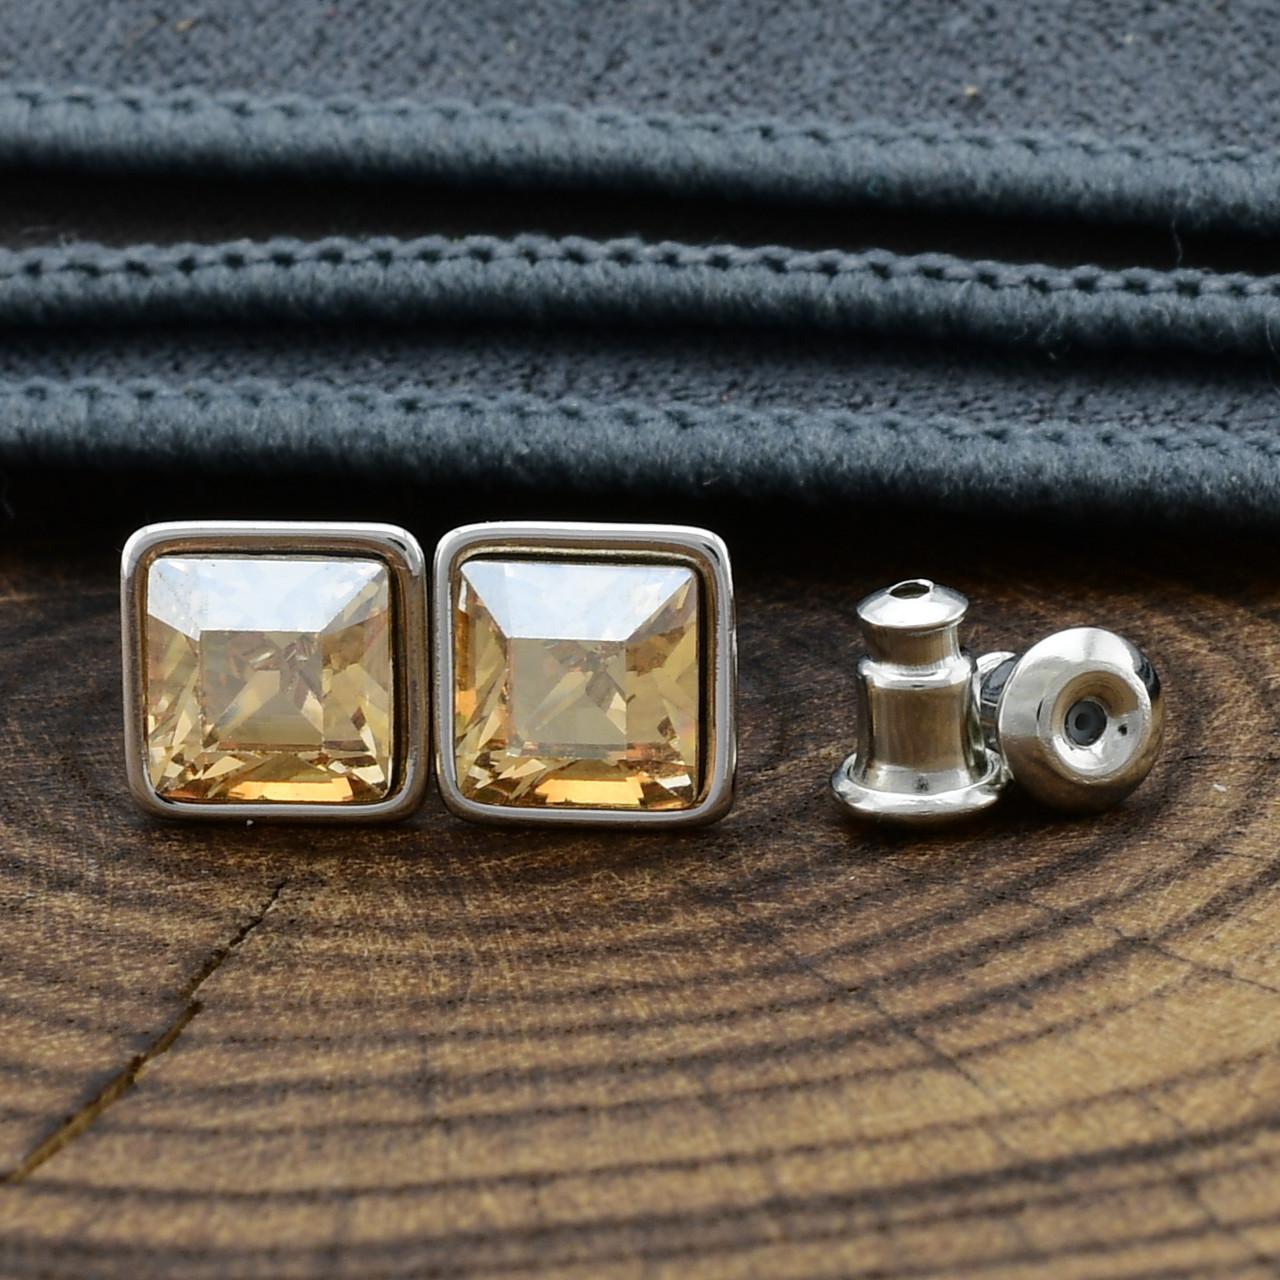 Серьги Xuping с кристаллами Swarovski 21402 размер 7х7 мм цвет дымчатый топаз позолота Белое Золото